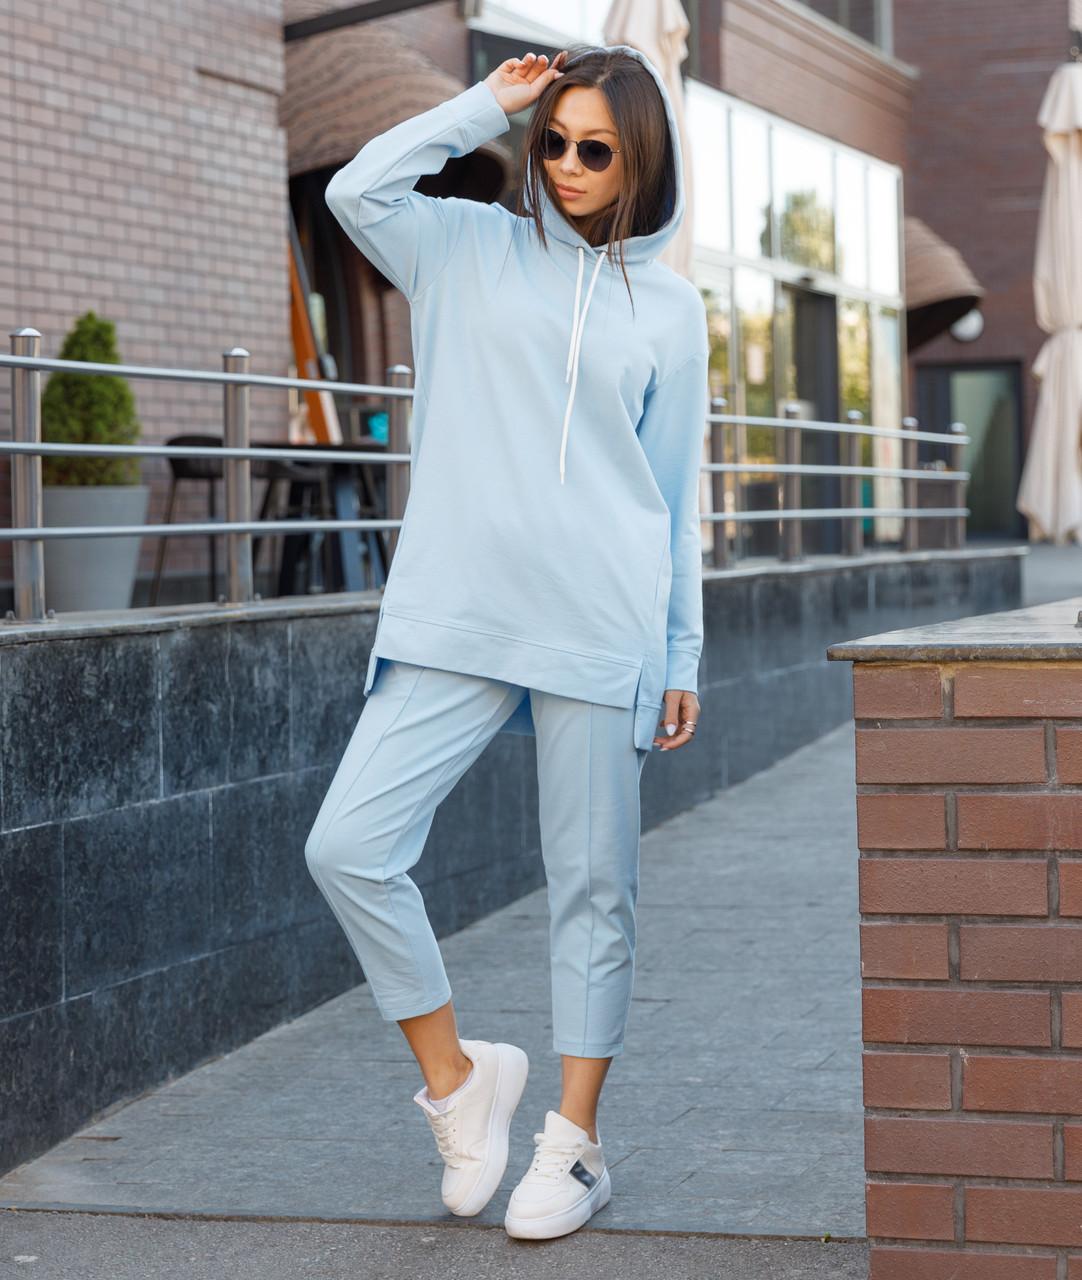 Костюм жіночий спортивний жіночі штани блакитного кольору Нефрит, жіноче блакитне худі Шива S, M, L весна/літо